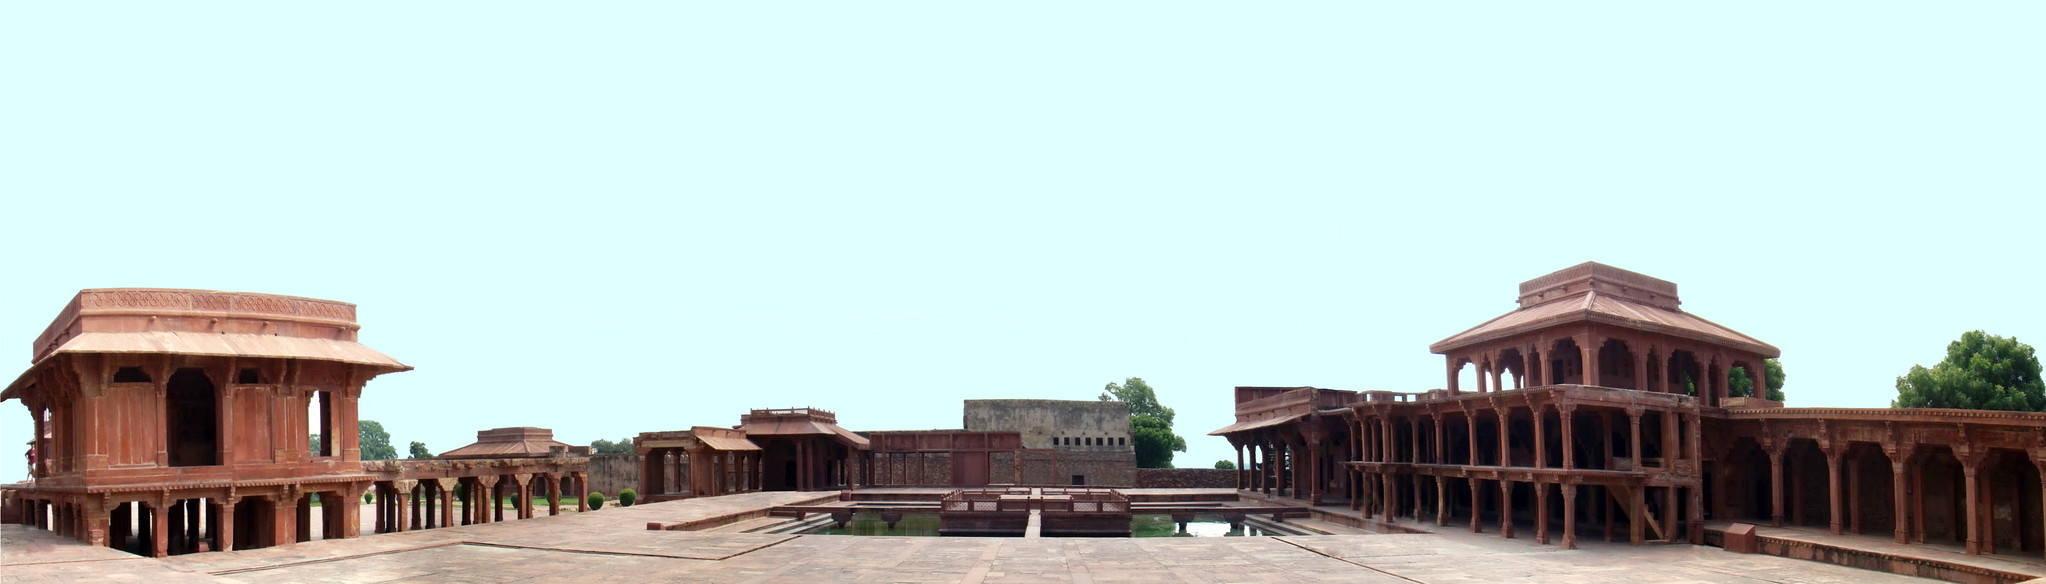 estanque Anup Talao, y Pabellón del emperador Akbar, Khwagah ciudad Fatehpur Sikri India